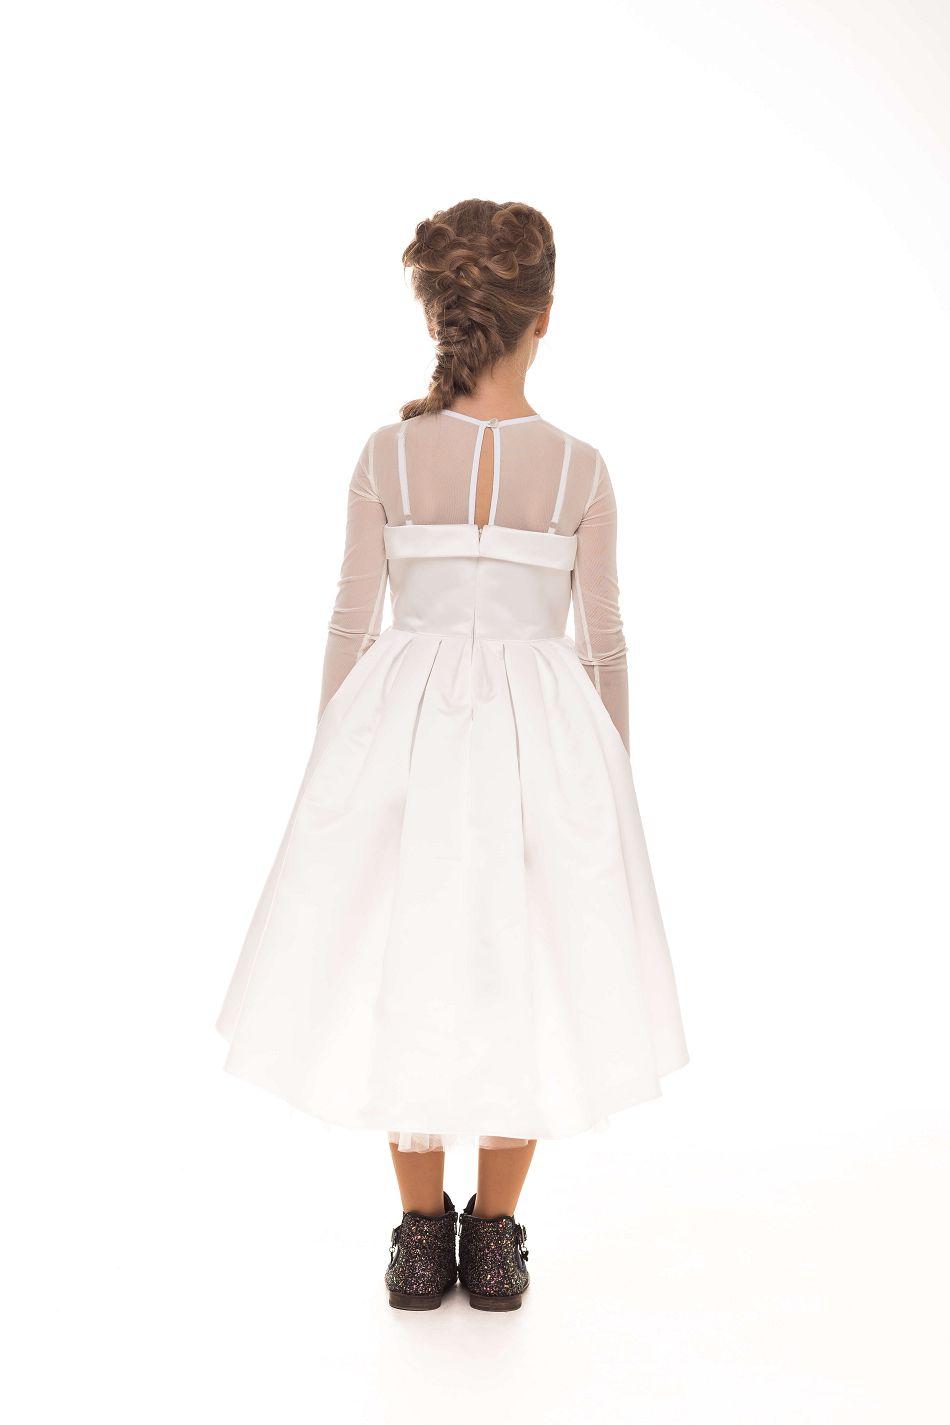 чарівна біла сукня на дівчинку